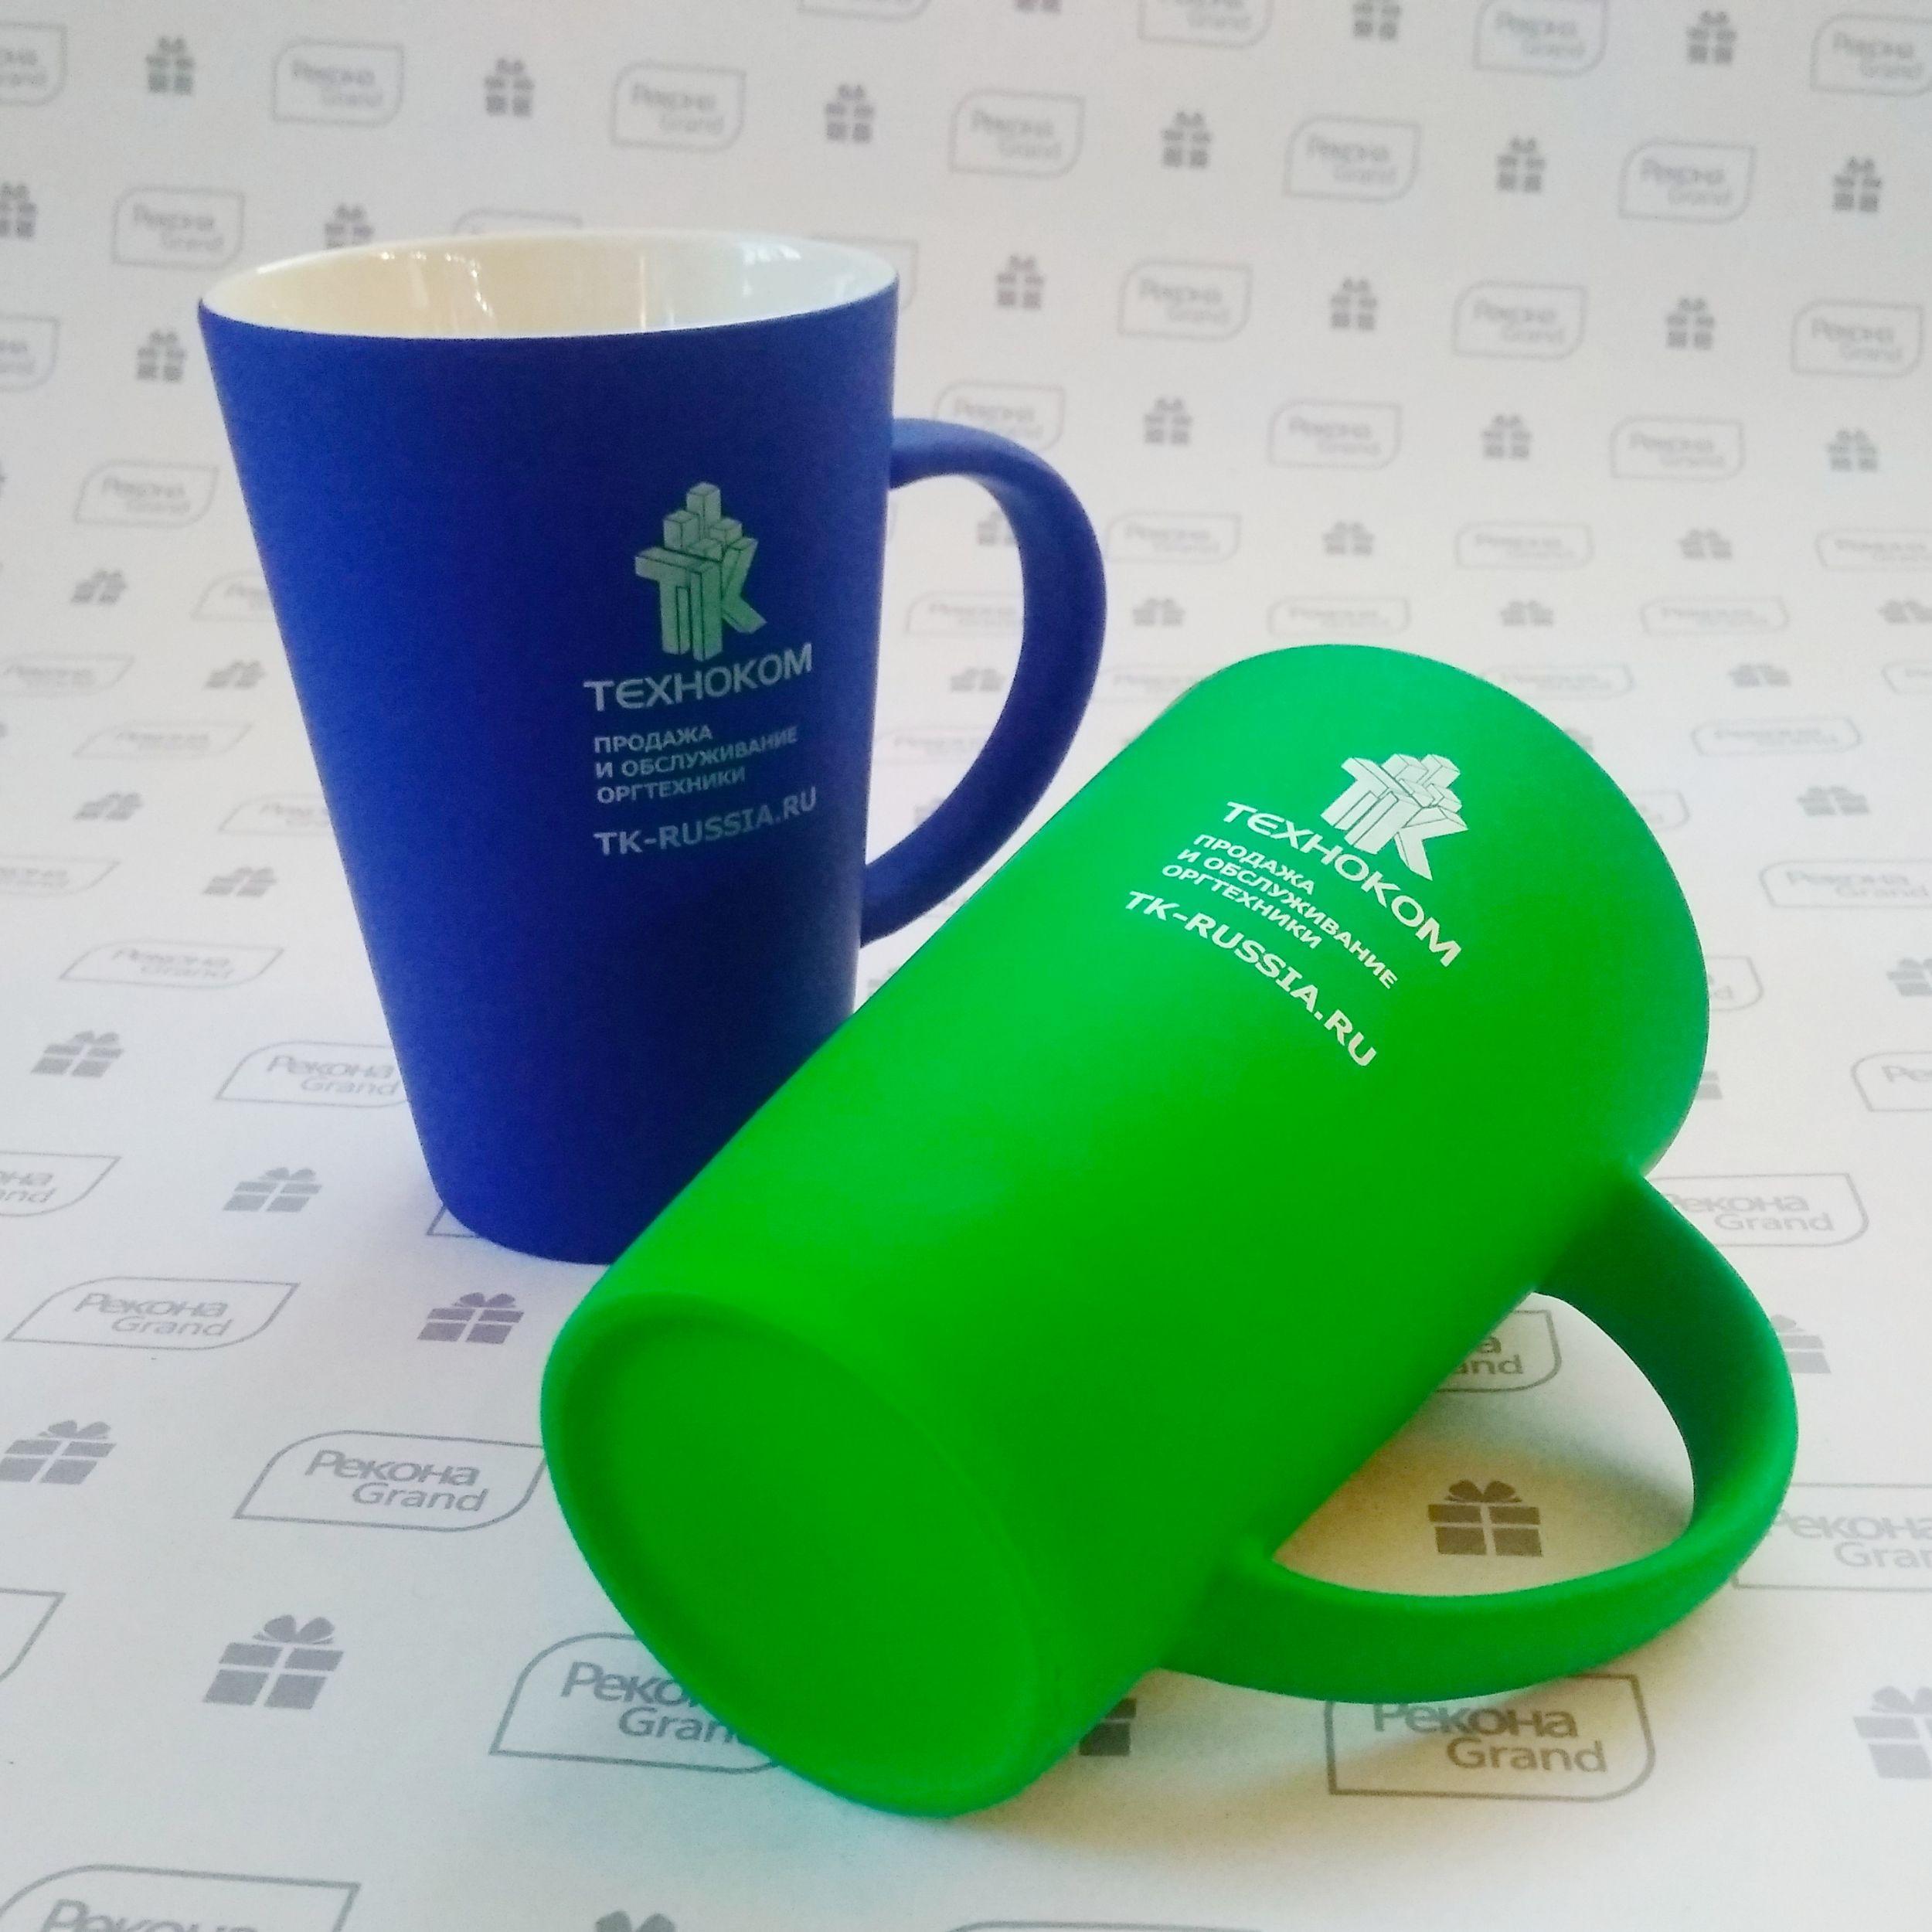 изготовление сувенирной продукции с логотипом